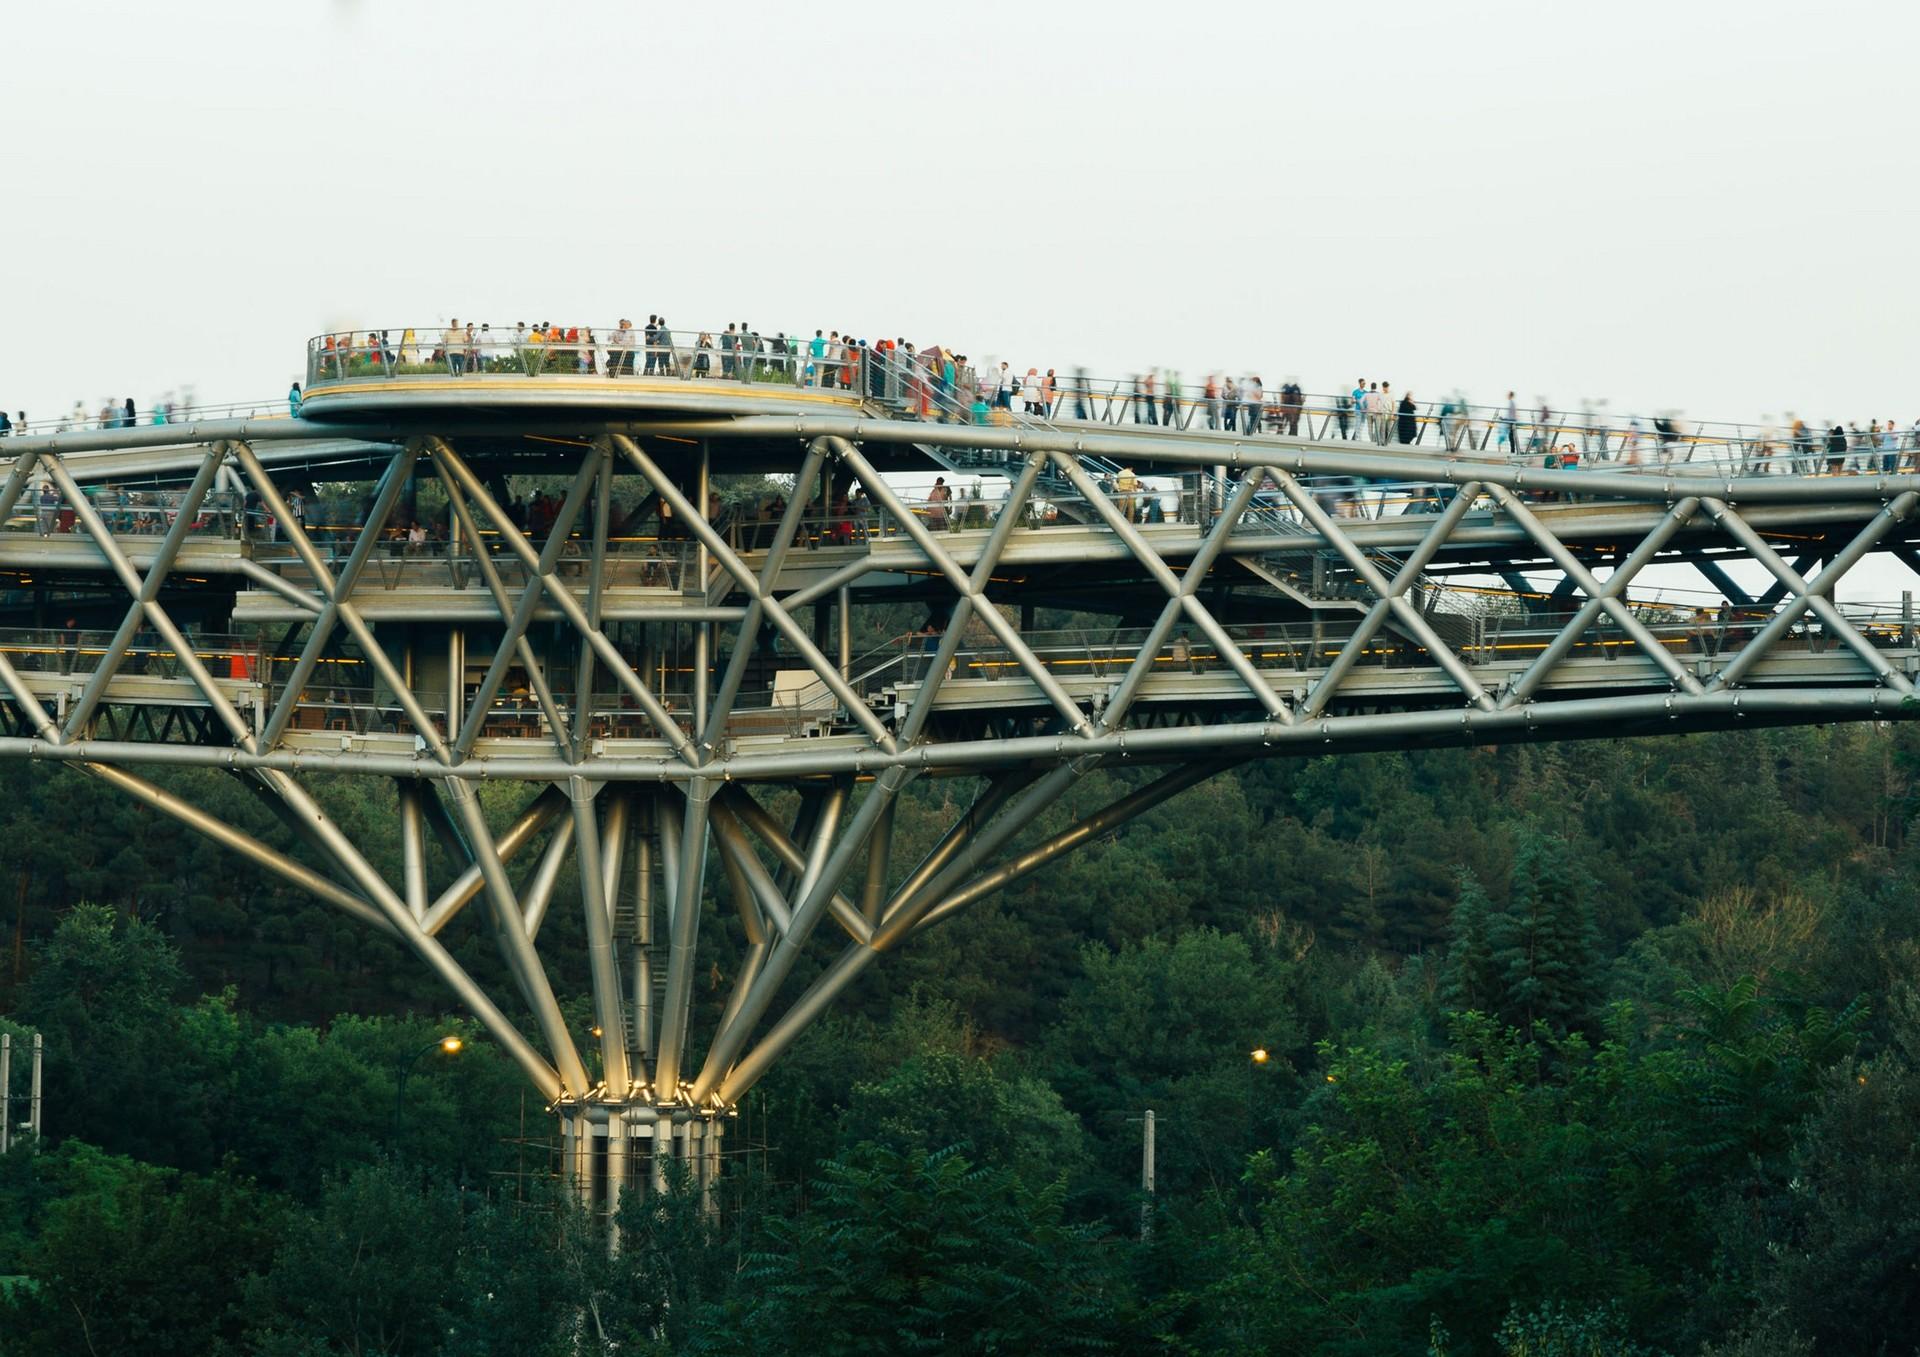 结构如同建筑般具有深度,三维立体的桁架能让游客在晴天或者雨天都有